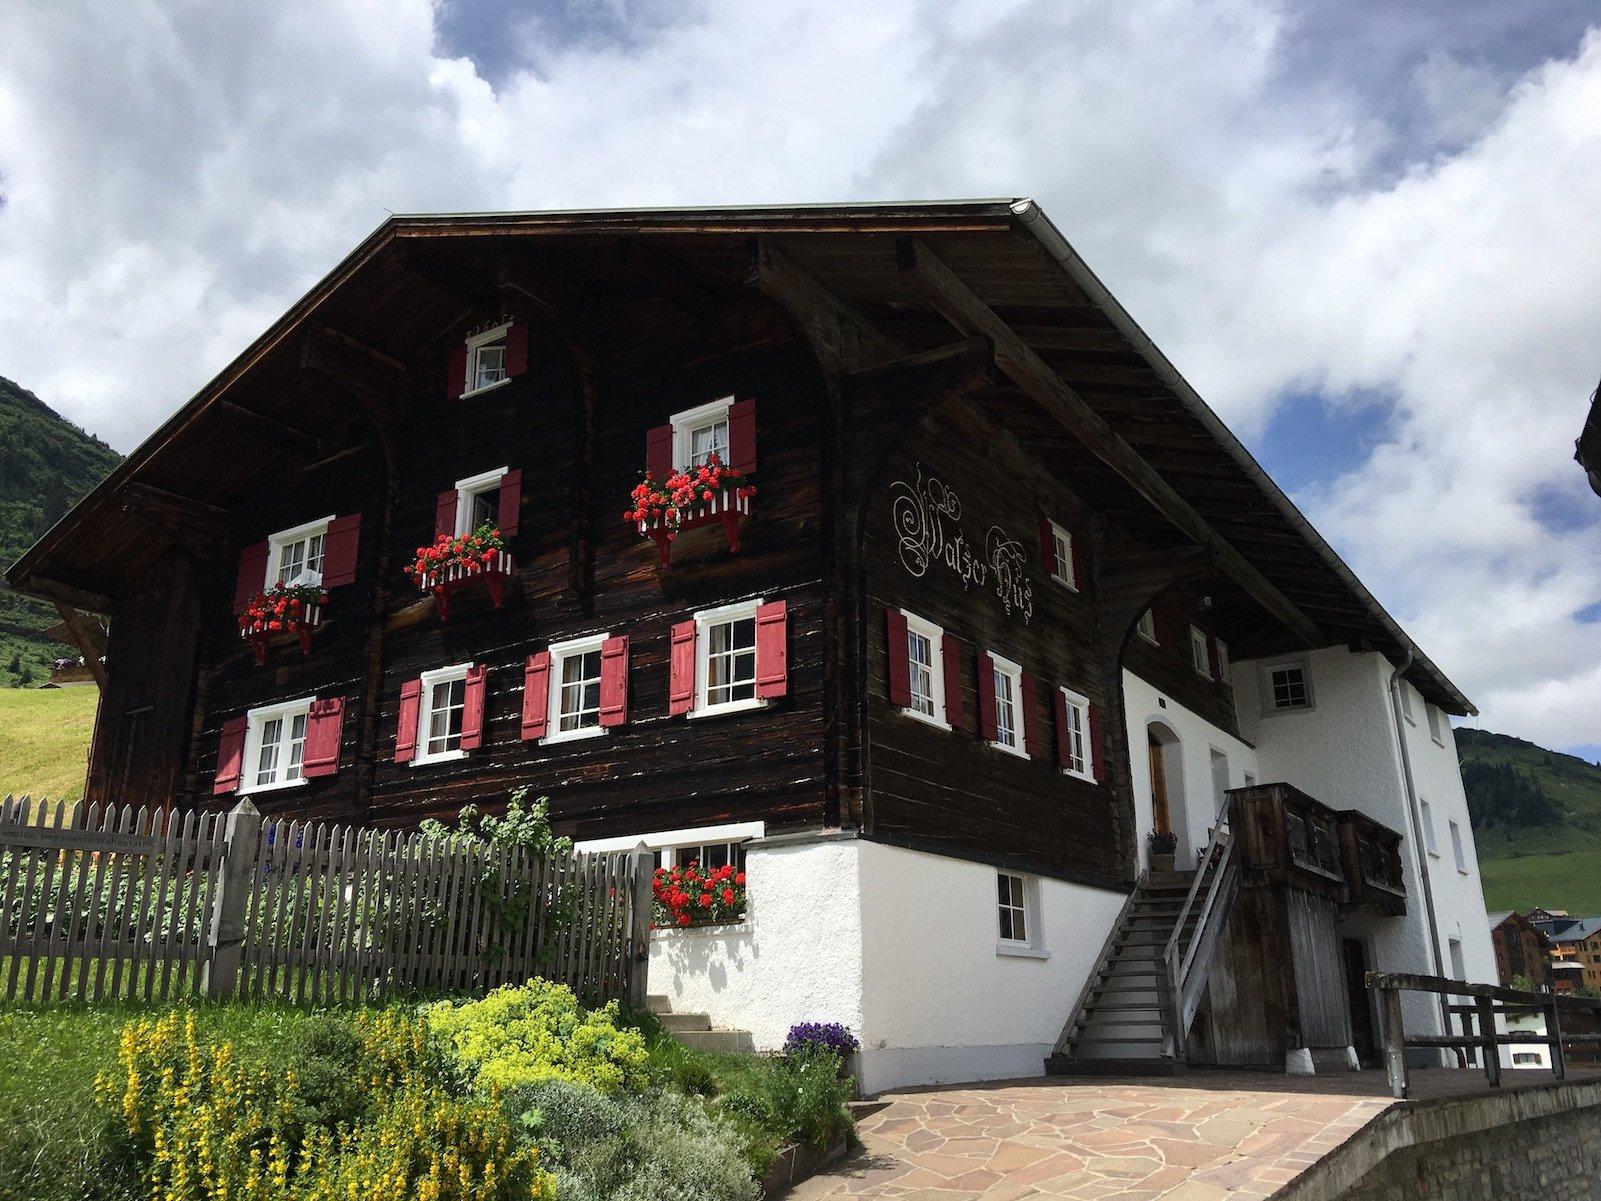 Das älteste Haus von Warth, das Walser Hus, liegt direkt am Lechweg